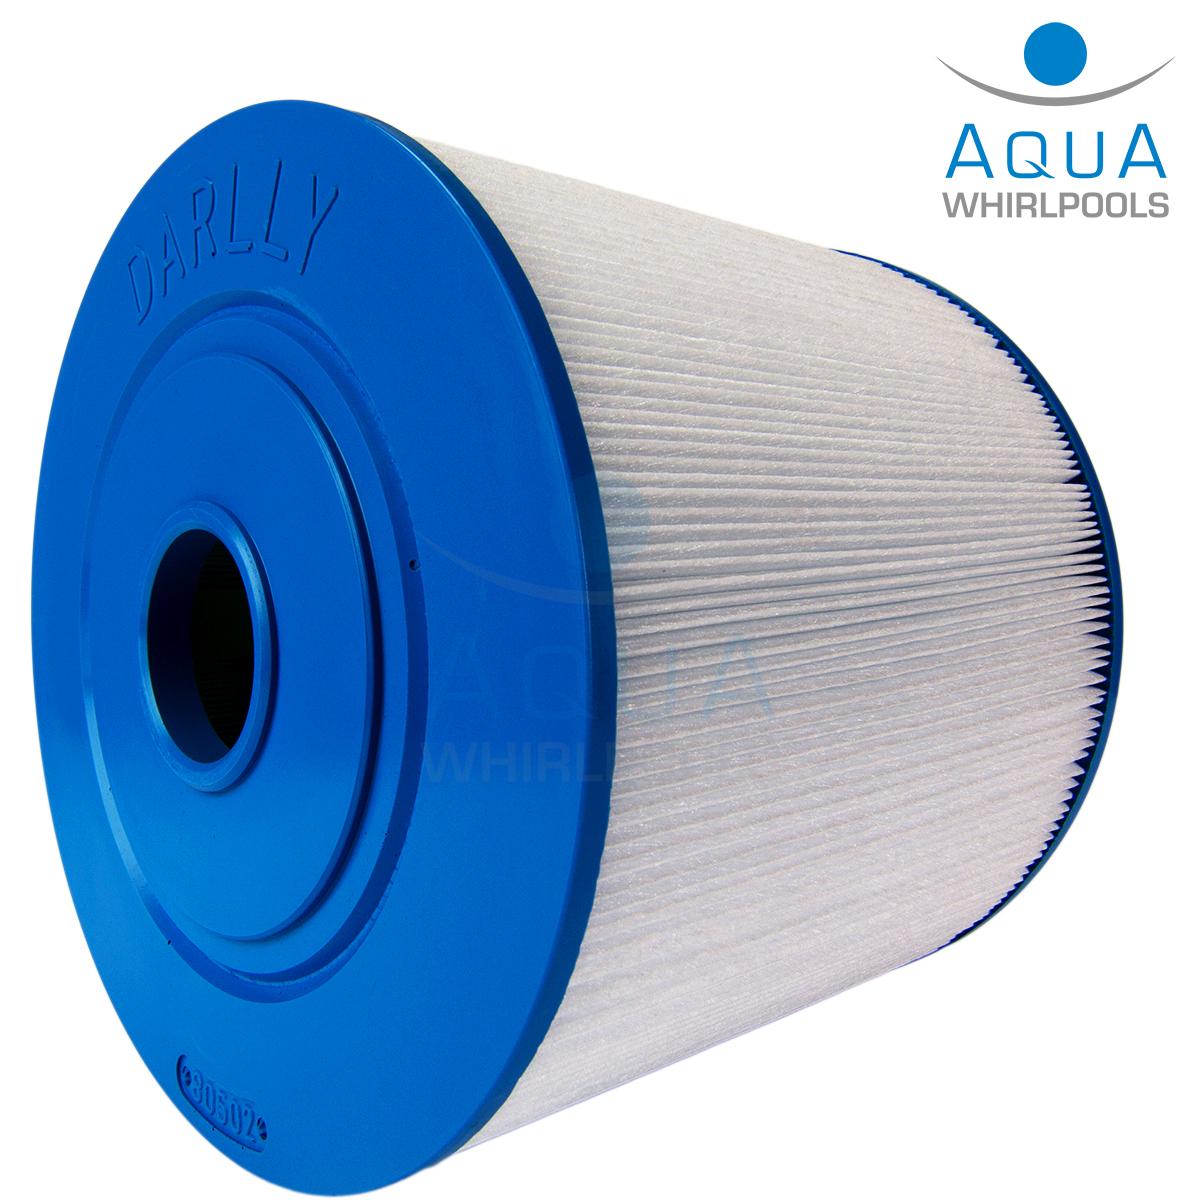 210 mm 219 mm filter nach durchmesser whirlpool filter aqua whirlpools - Aqua whirlpools ...